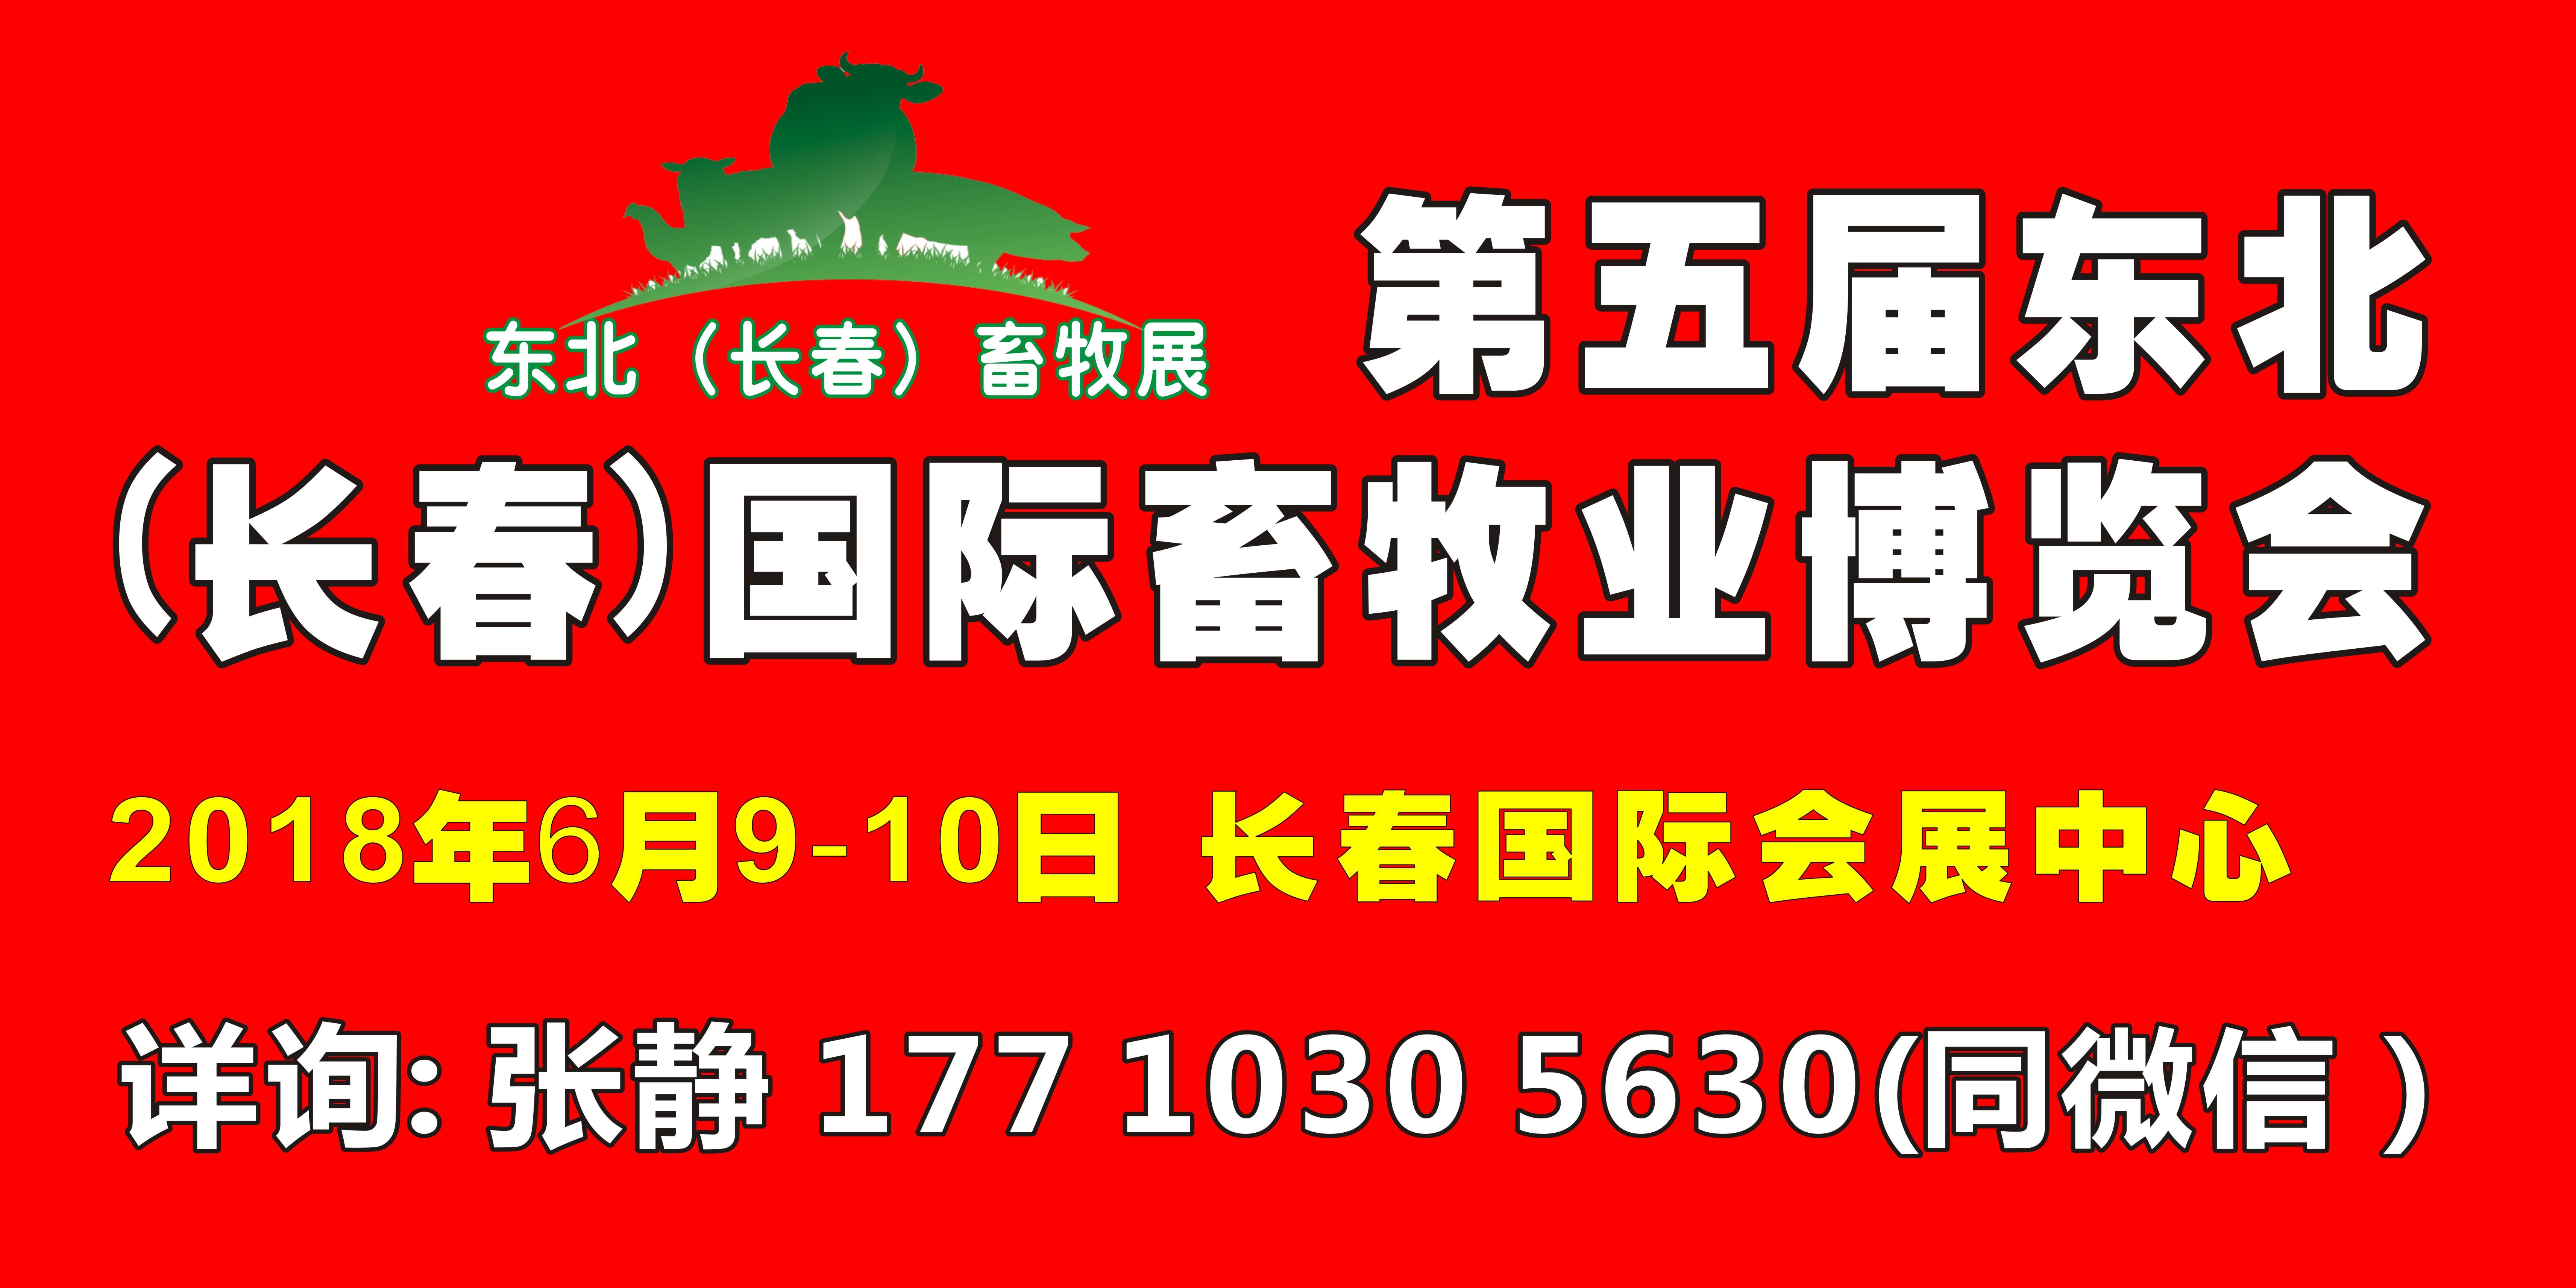 2018第五届东北(长春)国际畜牧业博览会